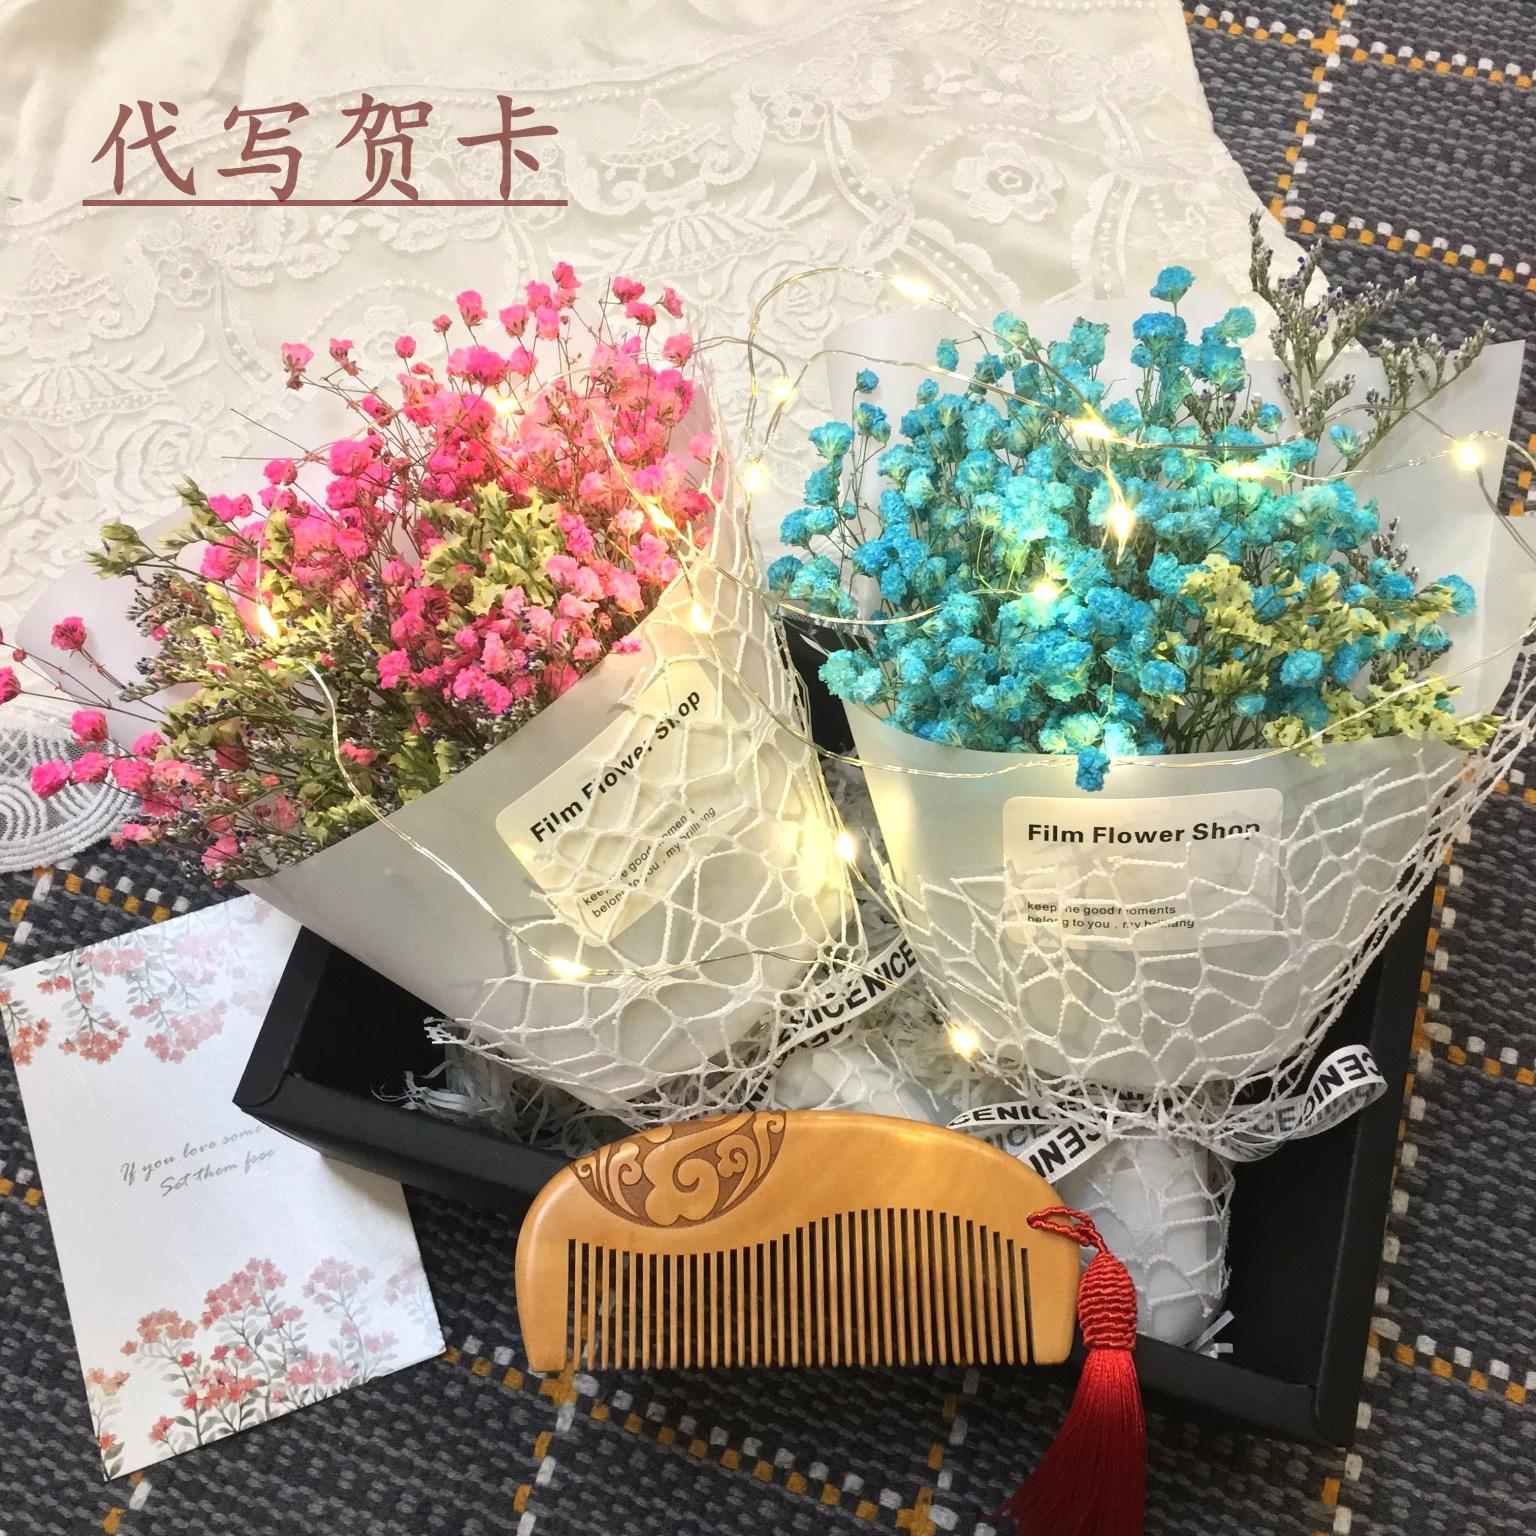 ドライフラワーの花束セット満天の星永生花网赤い誕生日プレゼントはガールフレンドにプレゼントします。